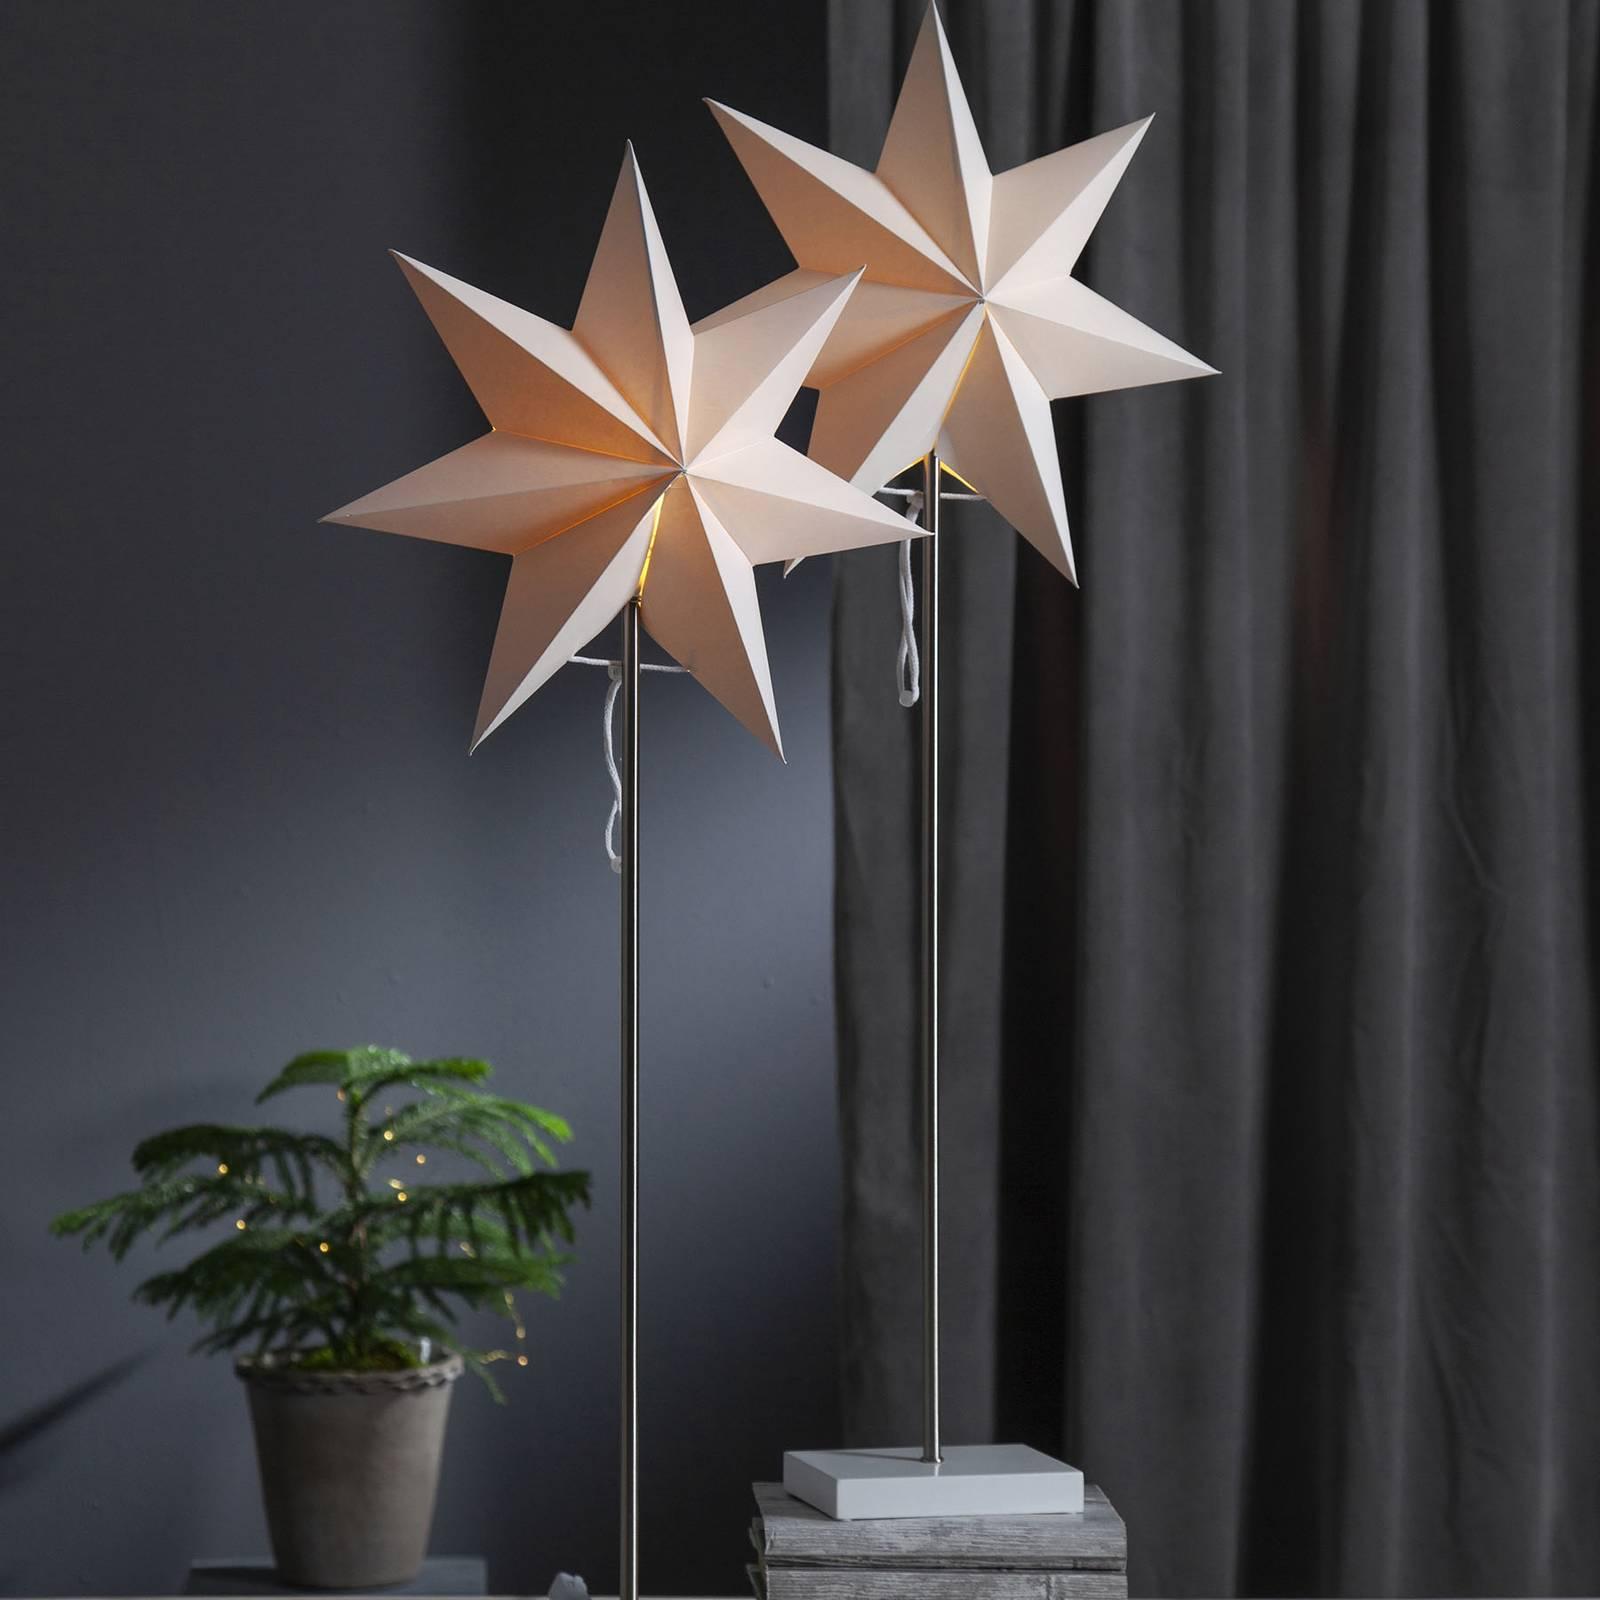 Moa-koristevalo, tähti + varjostin, tammijalka